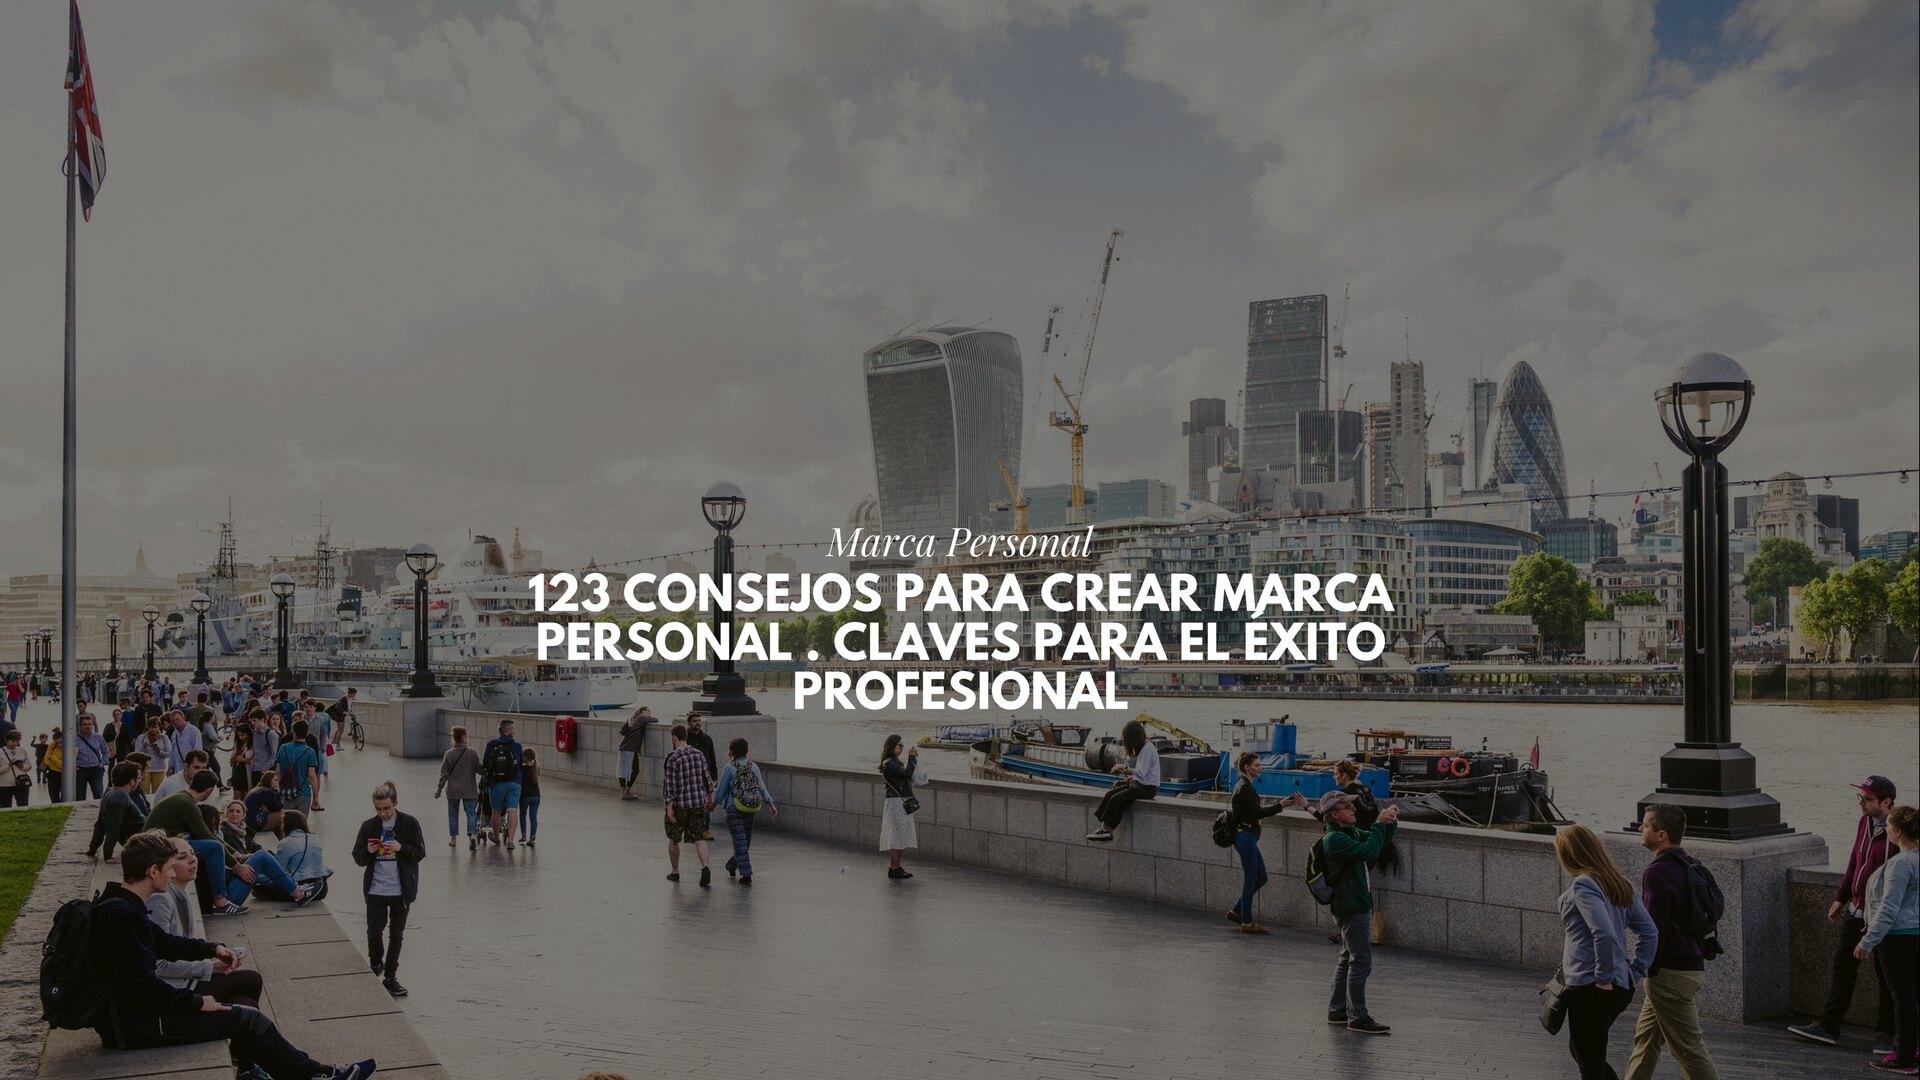 123 Consejos para Crear Marca Personal . Claves para el éxito profesional